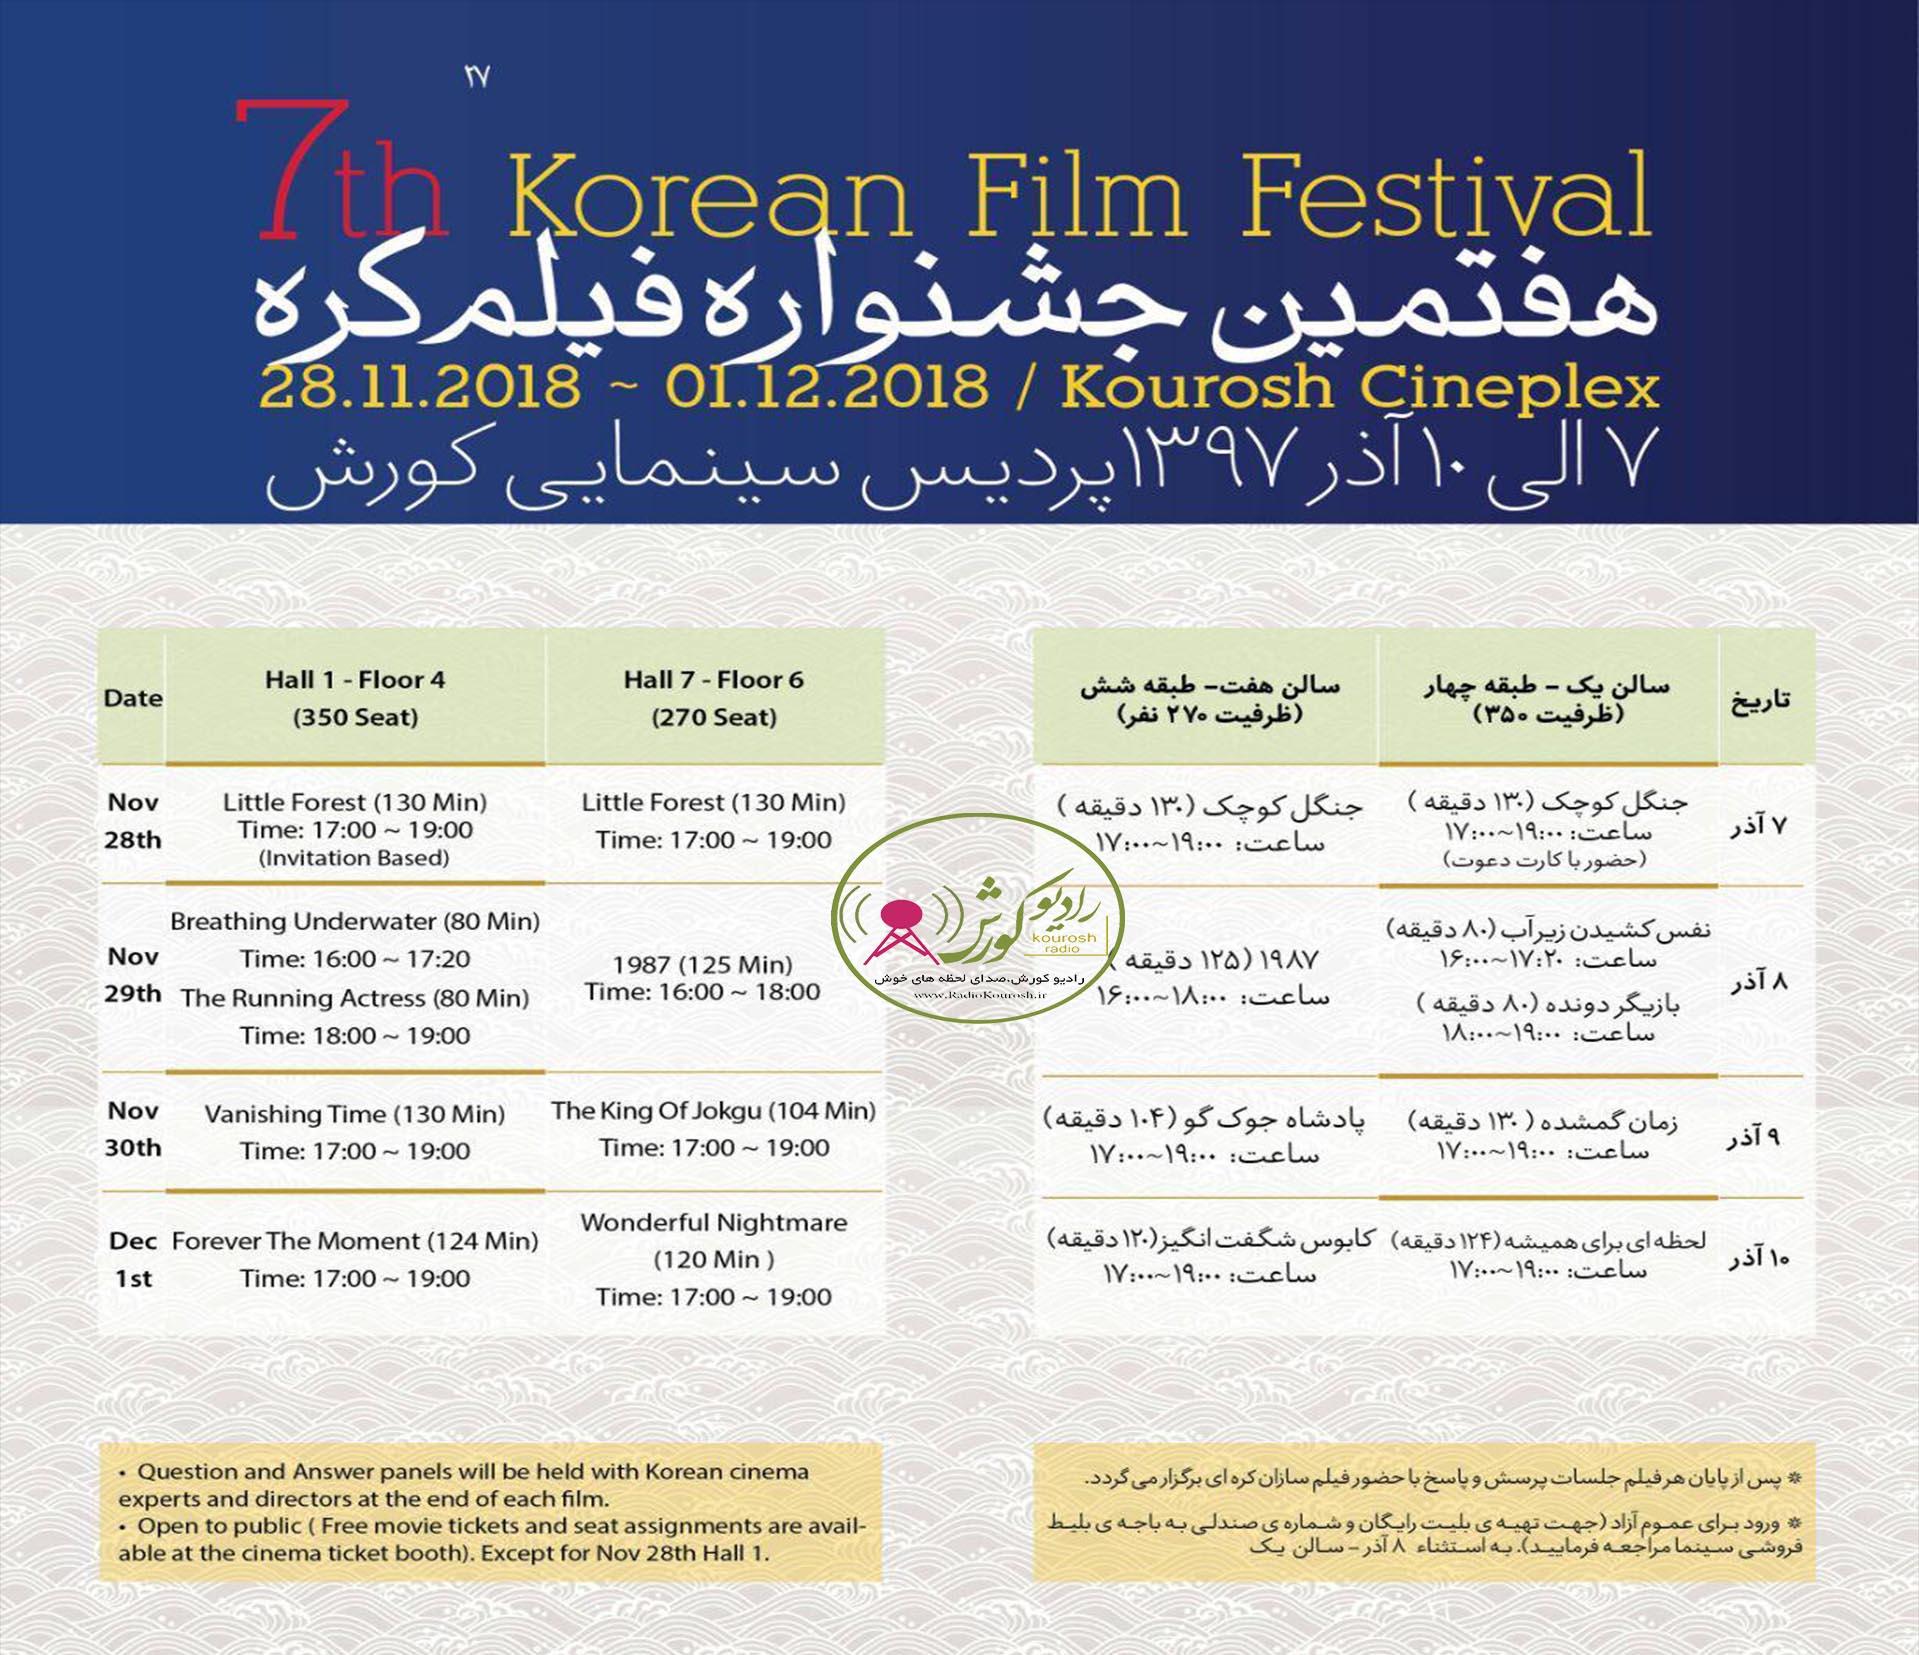 هفتمین جشنواره فیلم کره در کورش مال